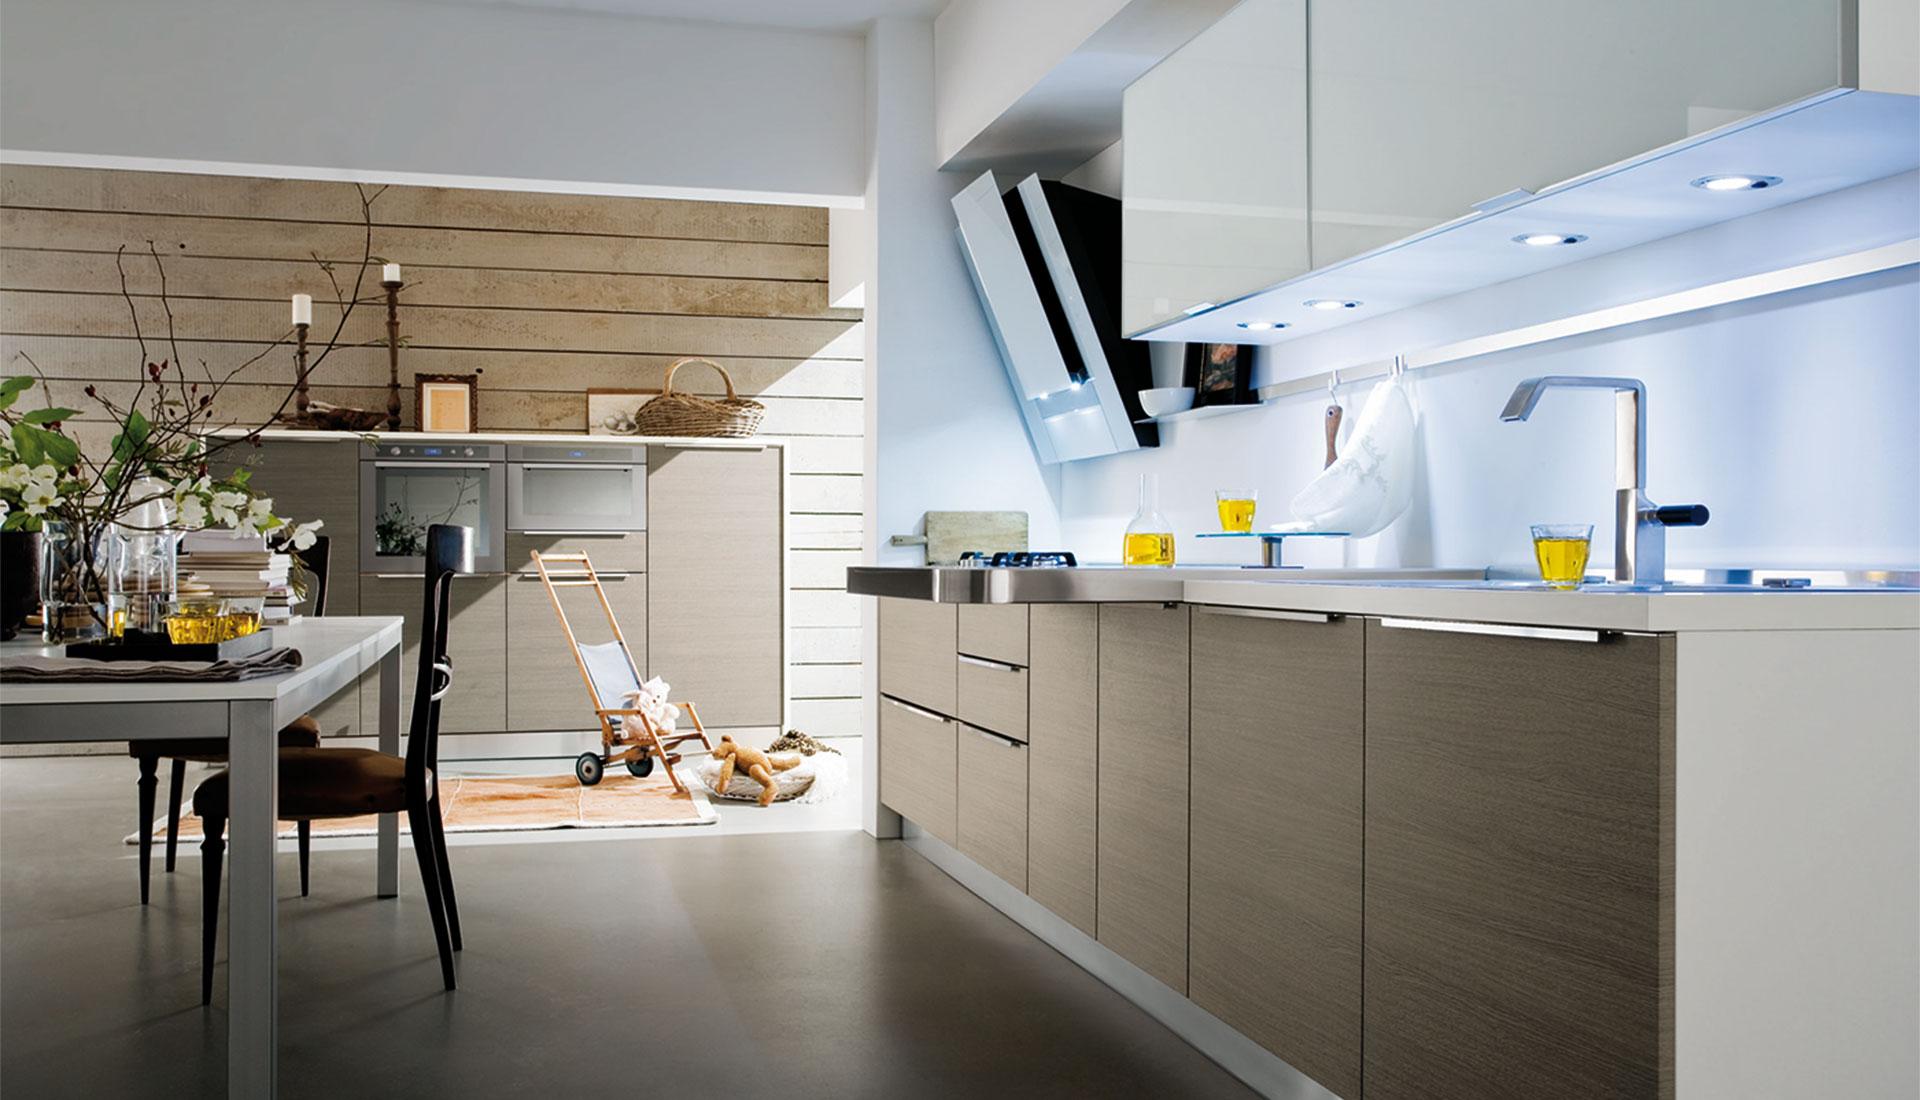 Nuove finiture per le cucine della linea idea di gicinque - Cucine in linea moderne ...